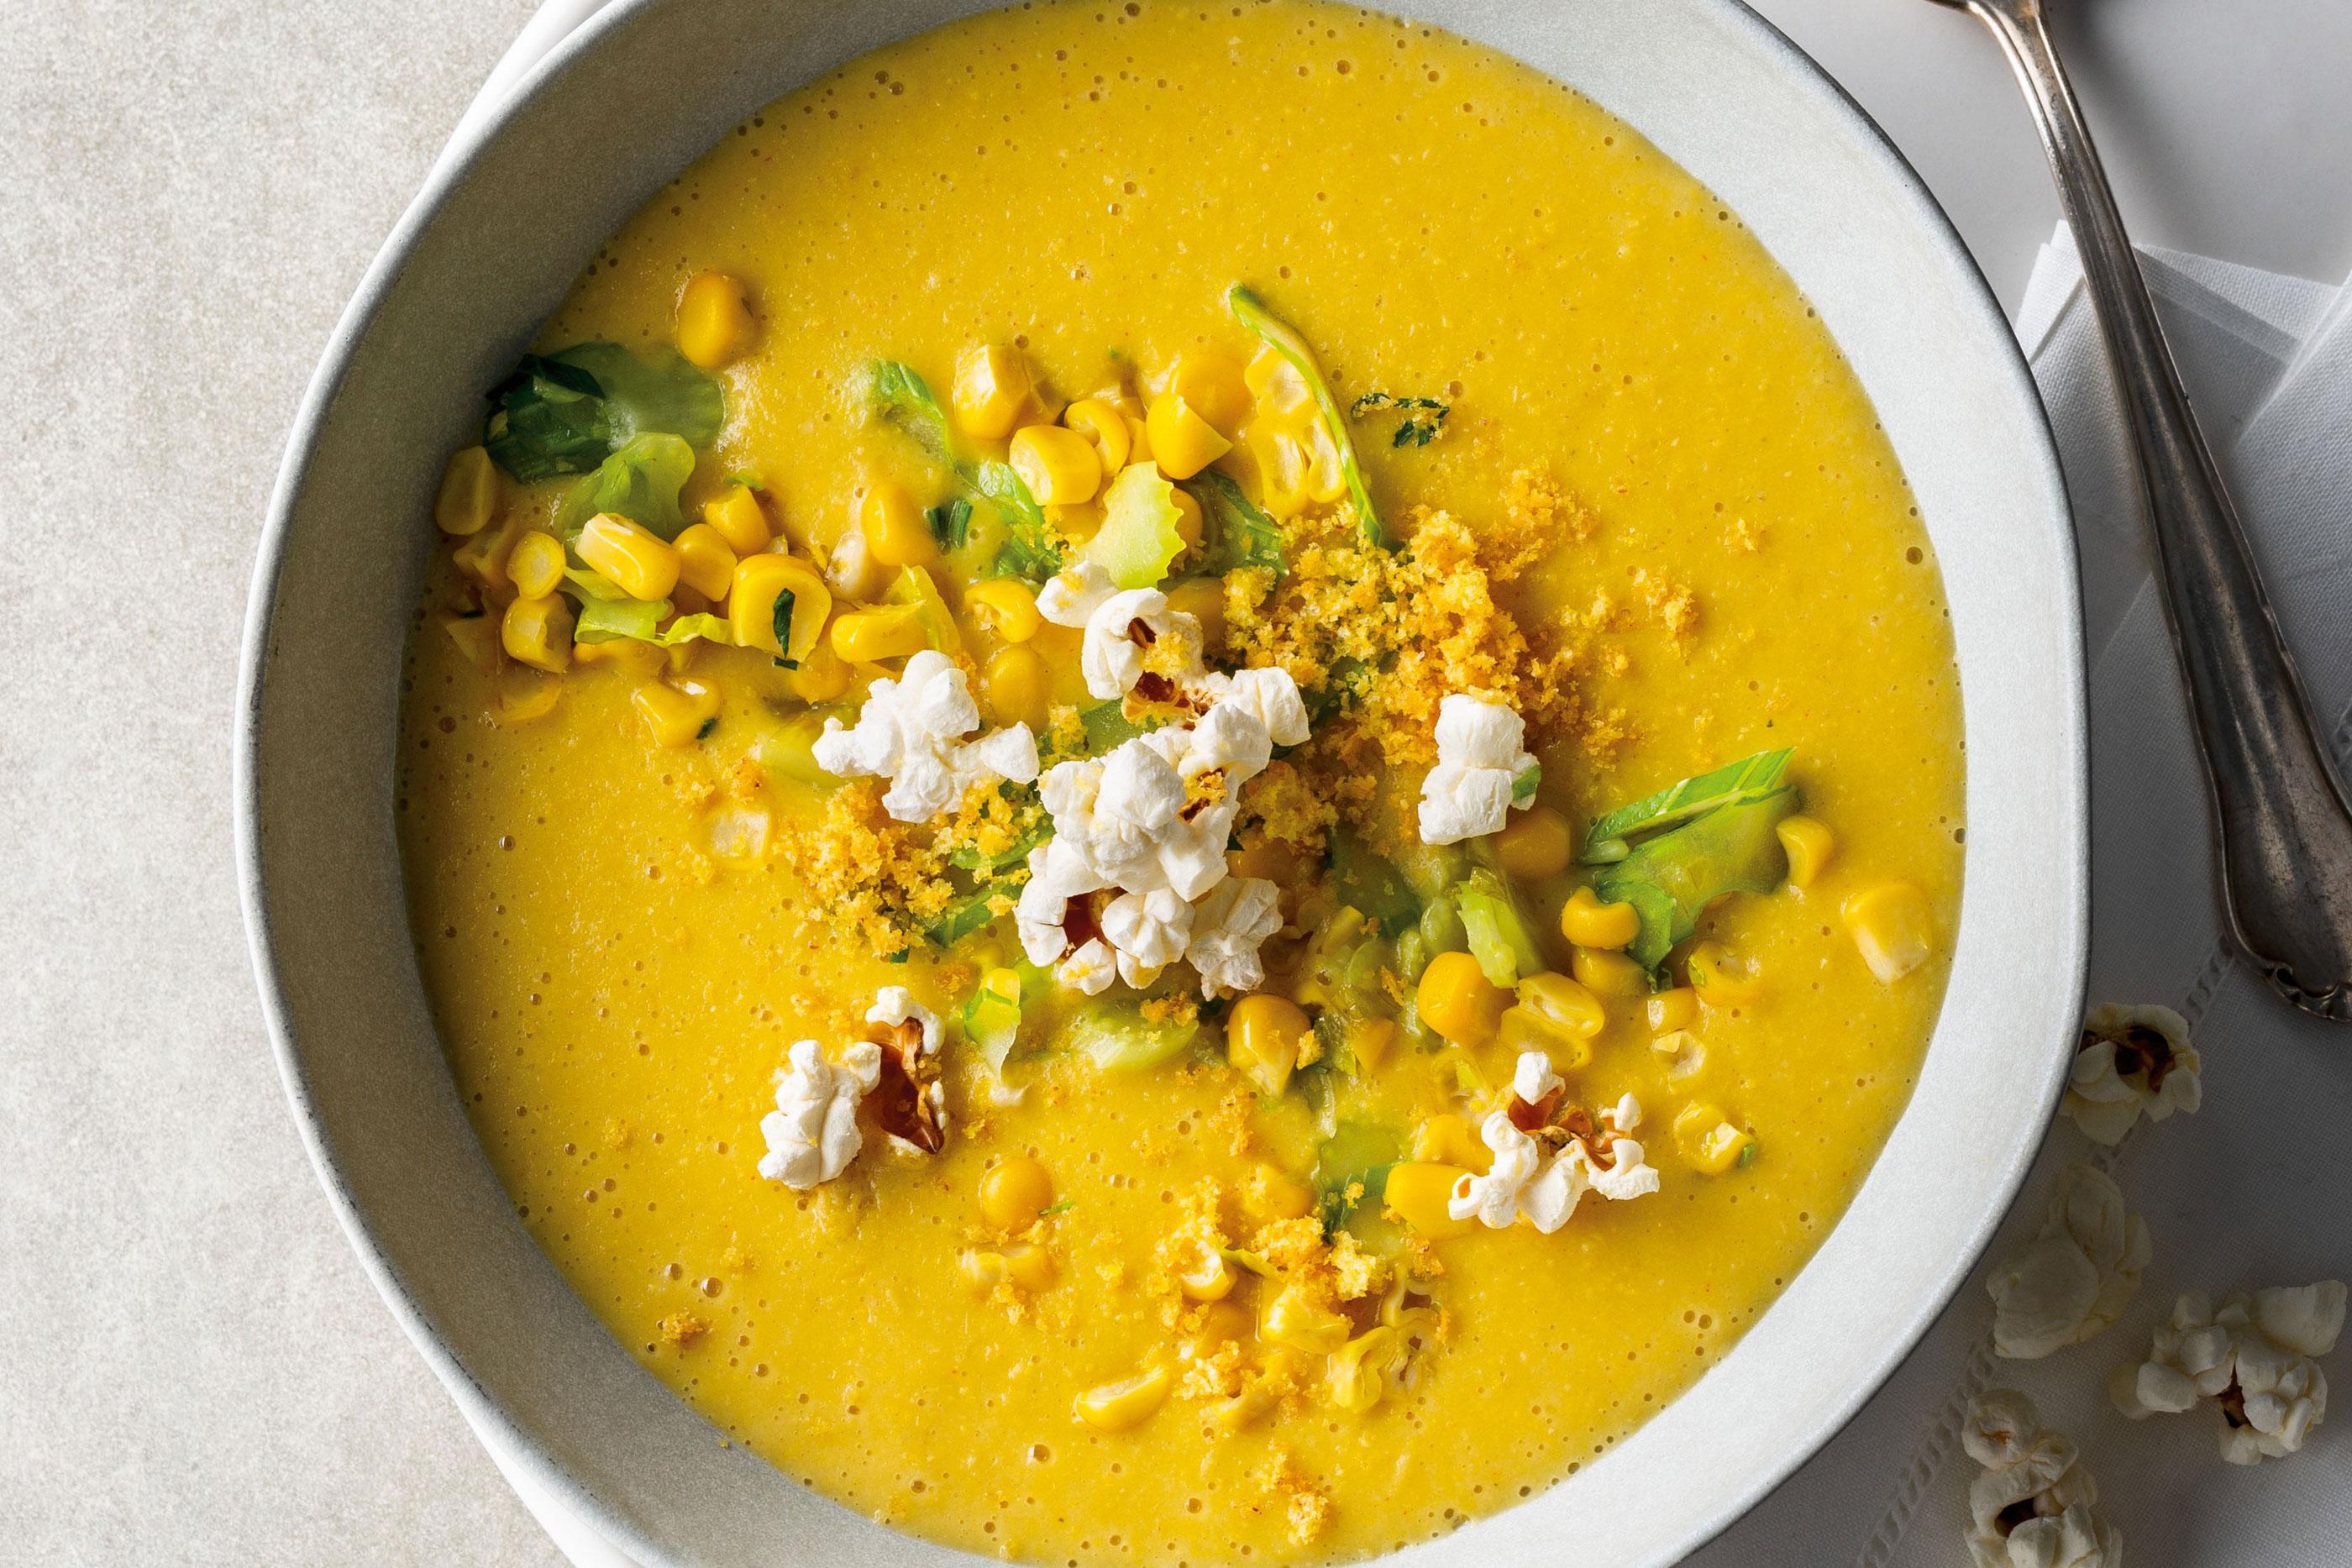 Maiscreme-Suppe mit Maisgemüse und Popcorn von Stevan Paul